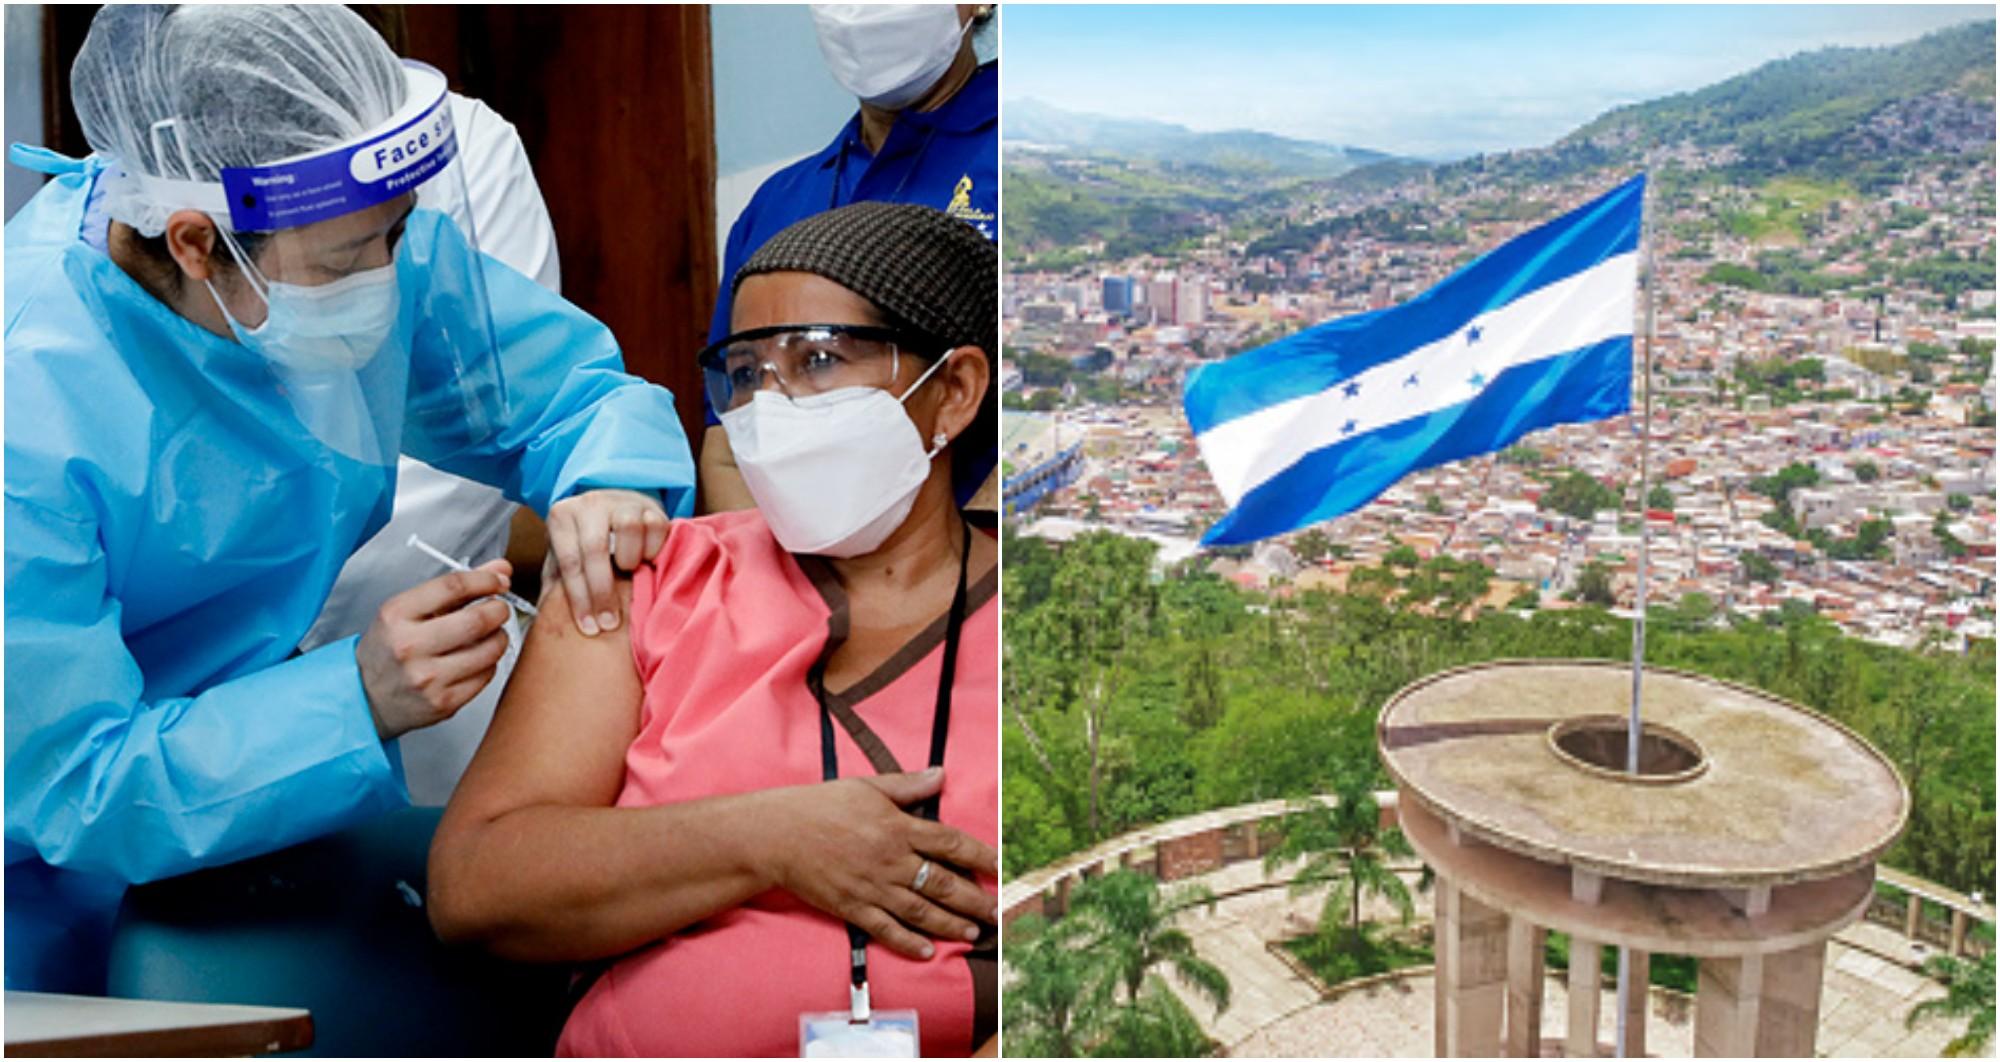 Hondureños vacunados contra Covid-19 recibirán descuentos